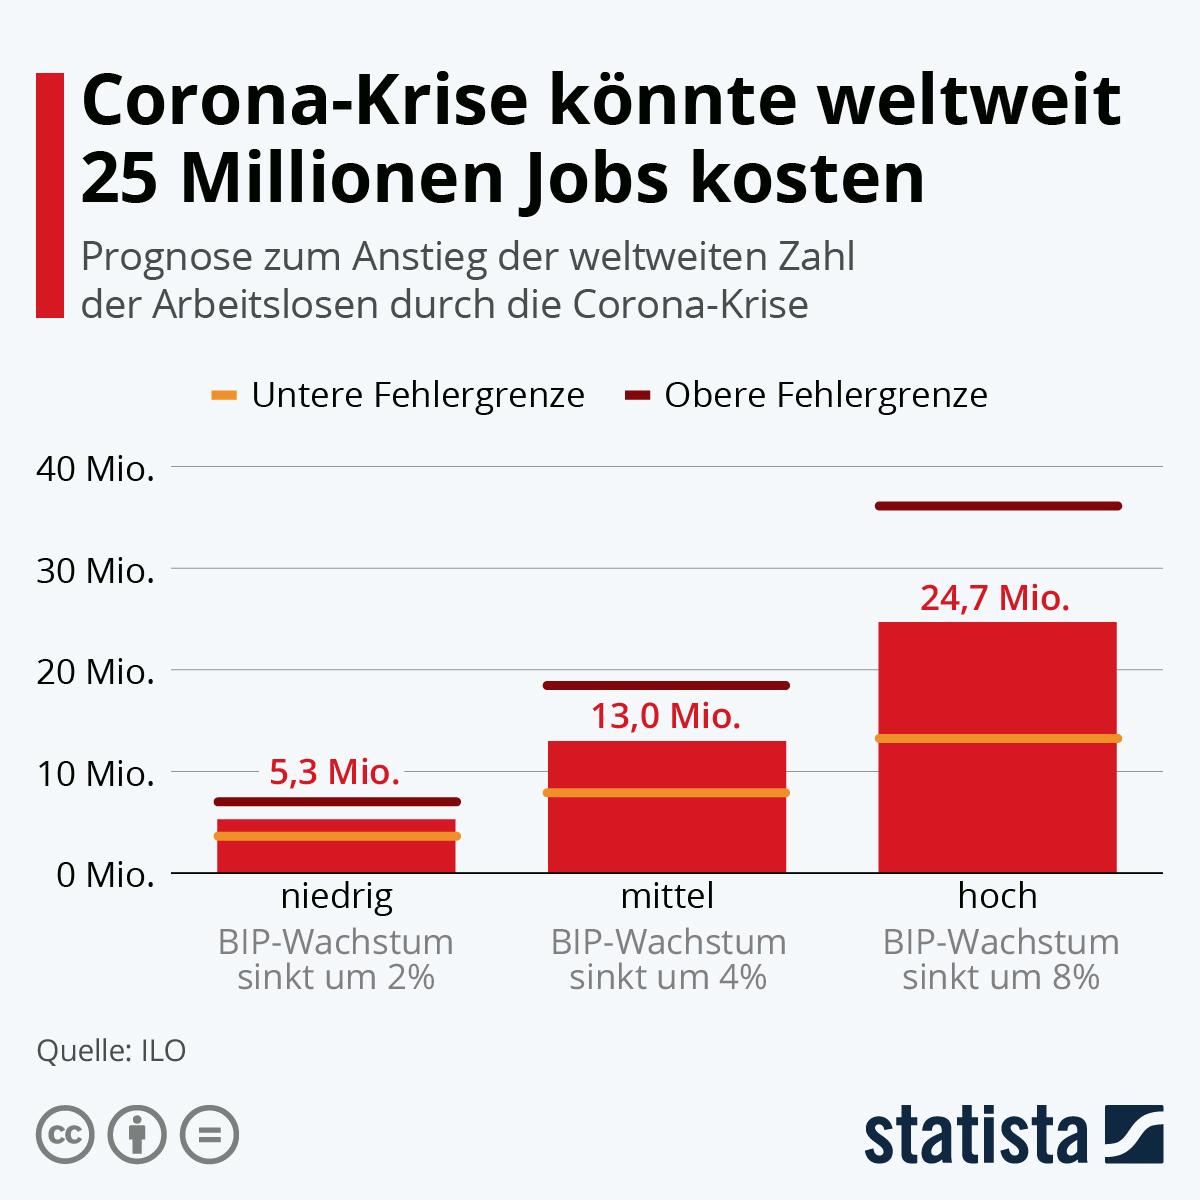 Corona-Krise könnte weltweit 25 Millionen Jobs kosten | Statista